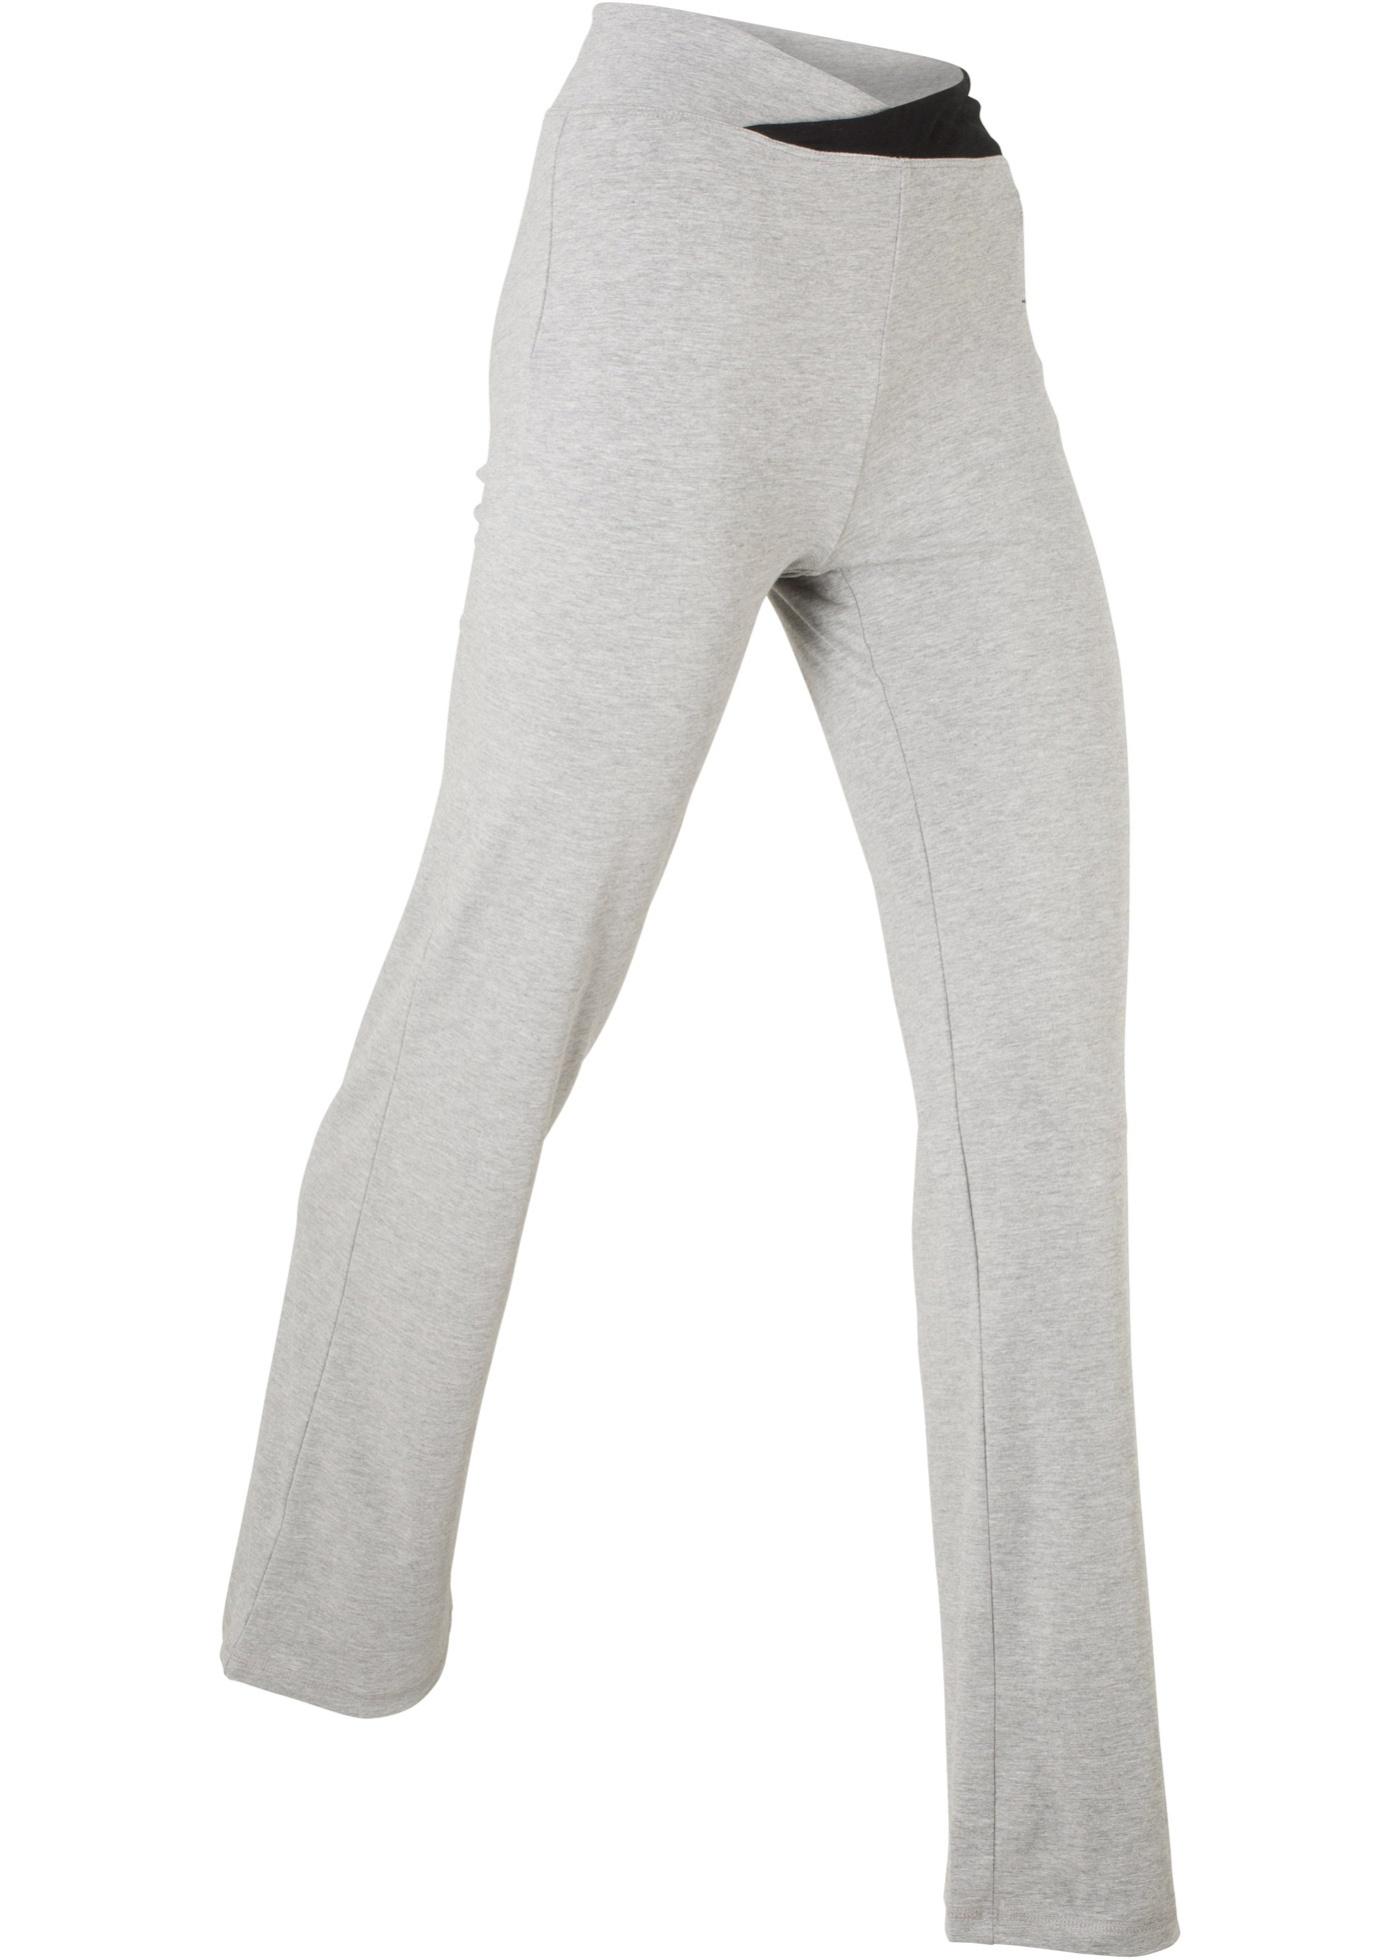 Pantalon de sport extensible